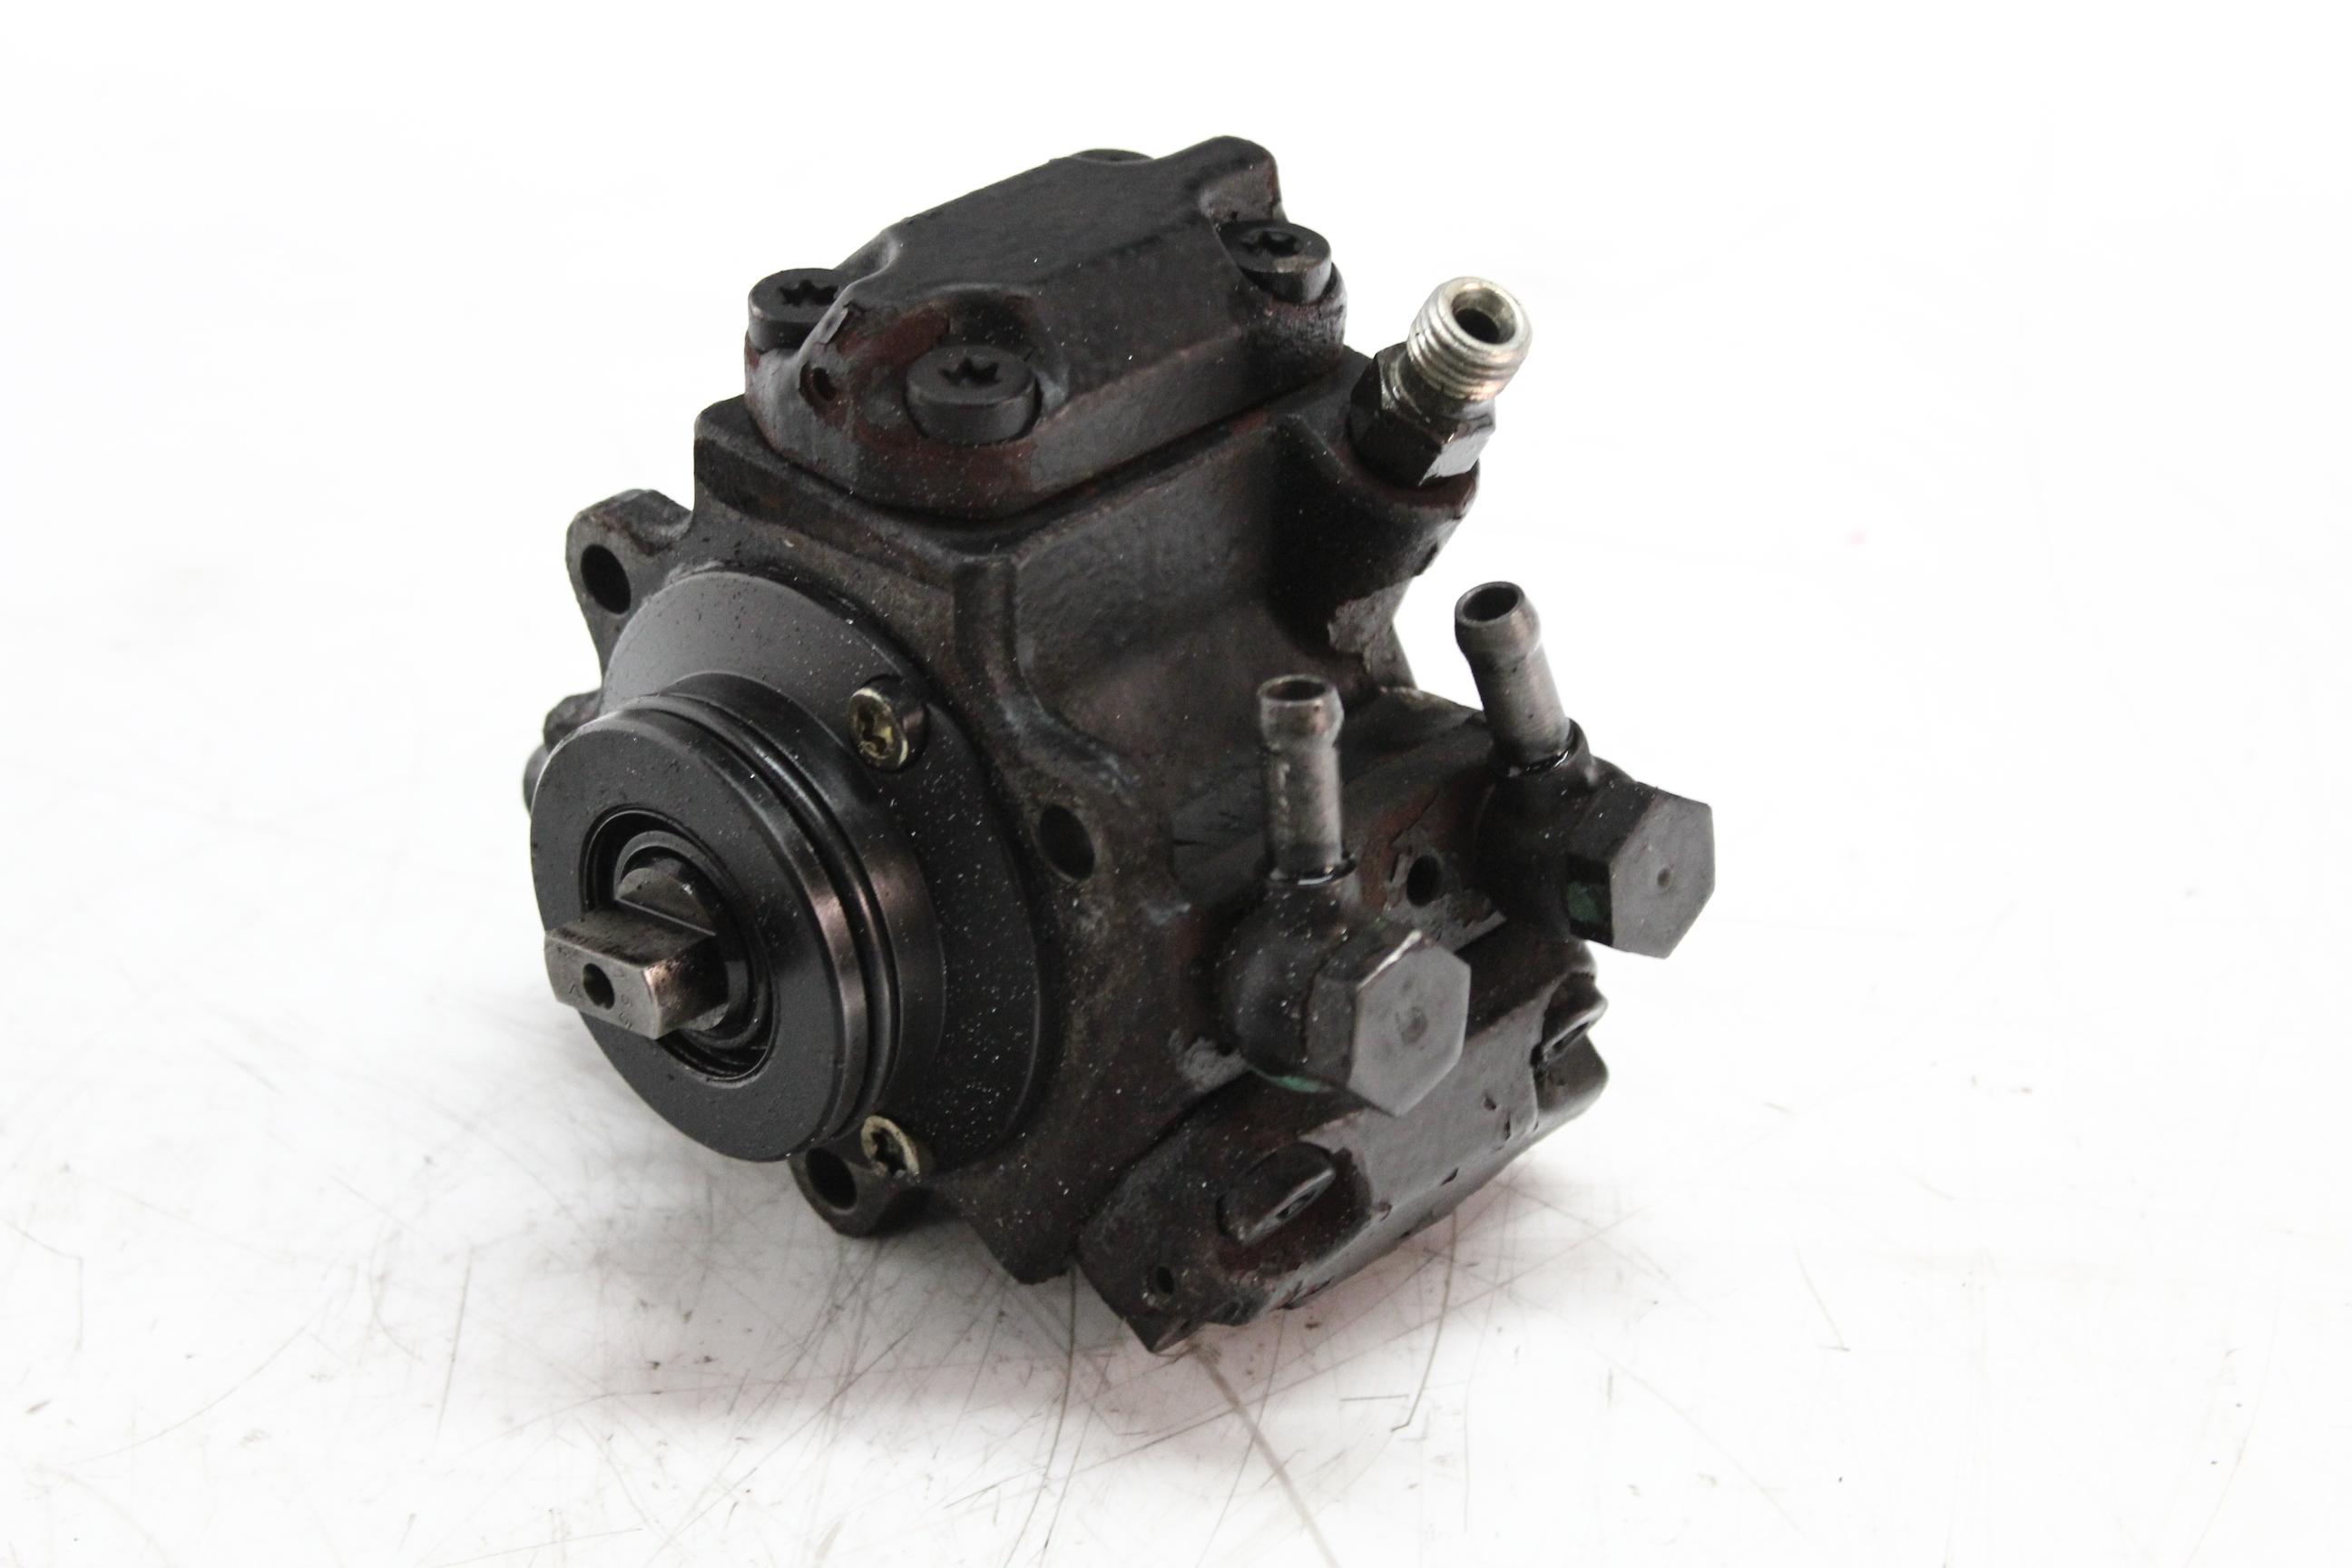 Hochdruckpumpe Opel Suzuki 1,3 CDTI 0445010138 0986437024 55185549 55216288